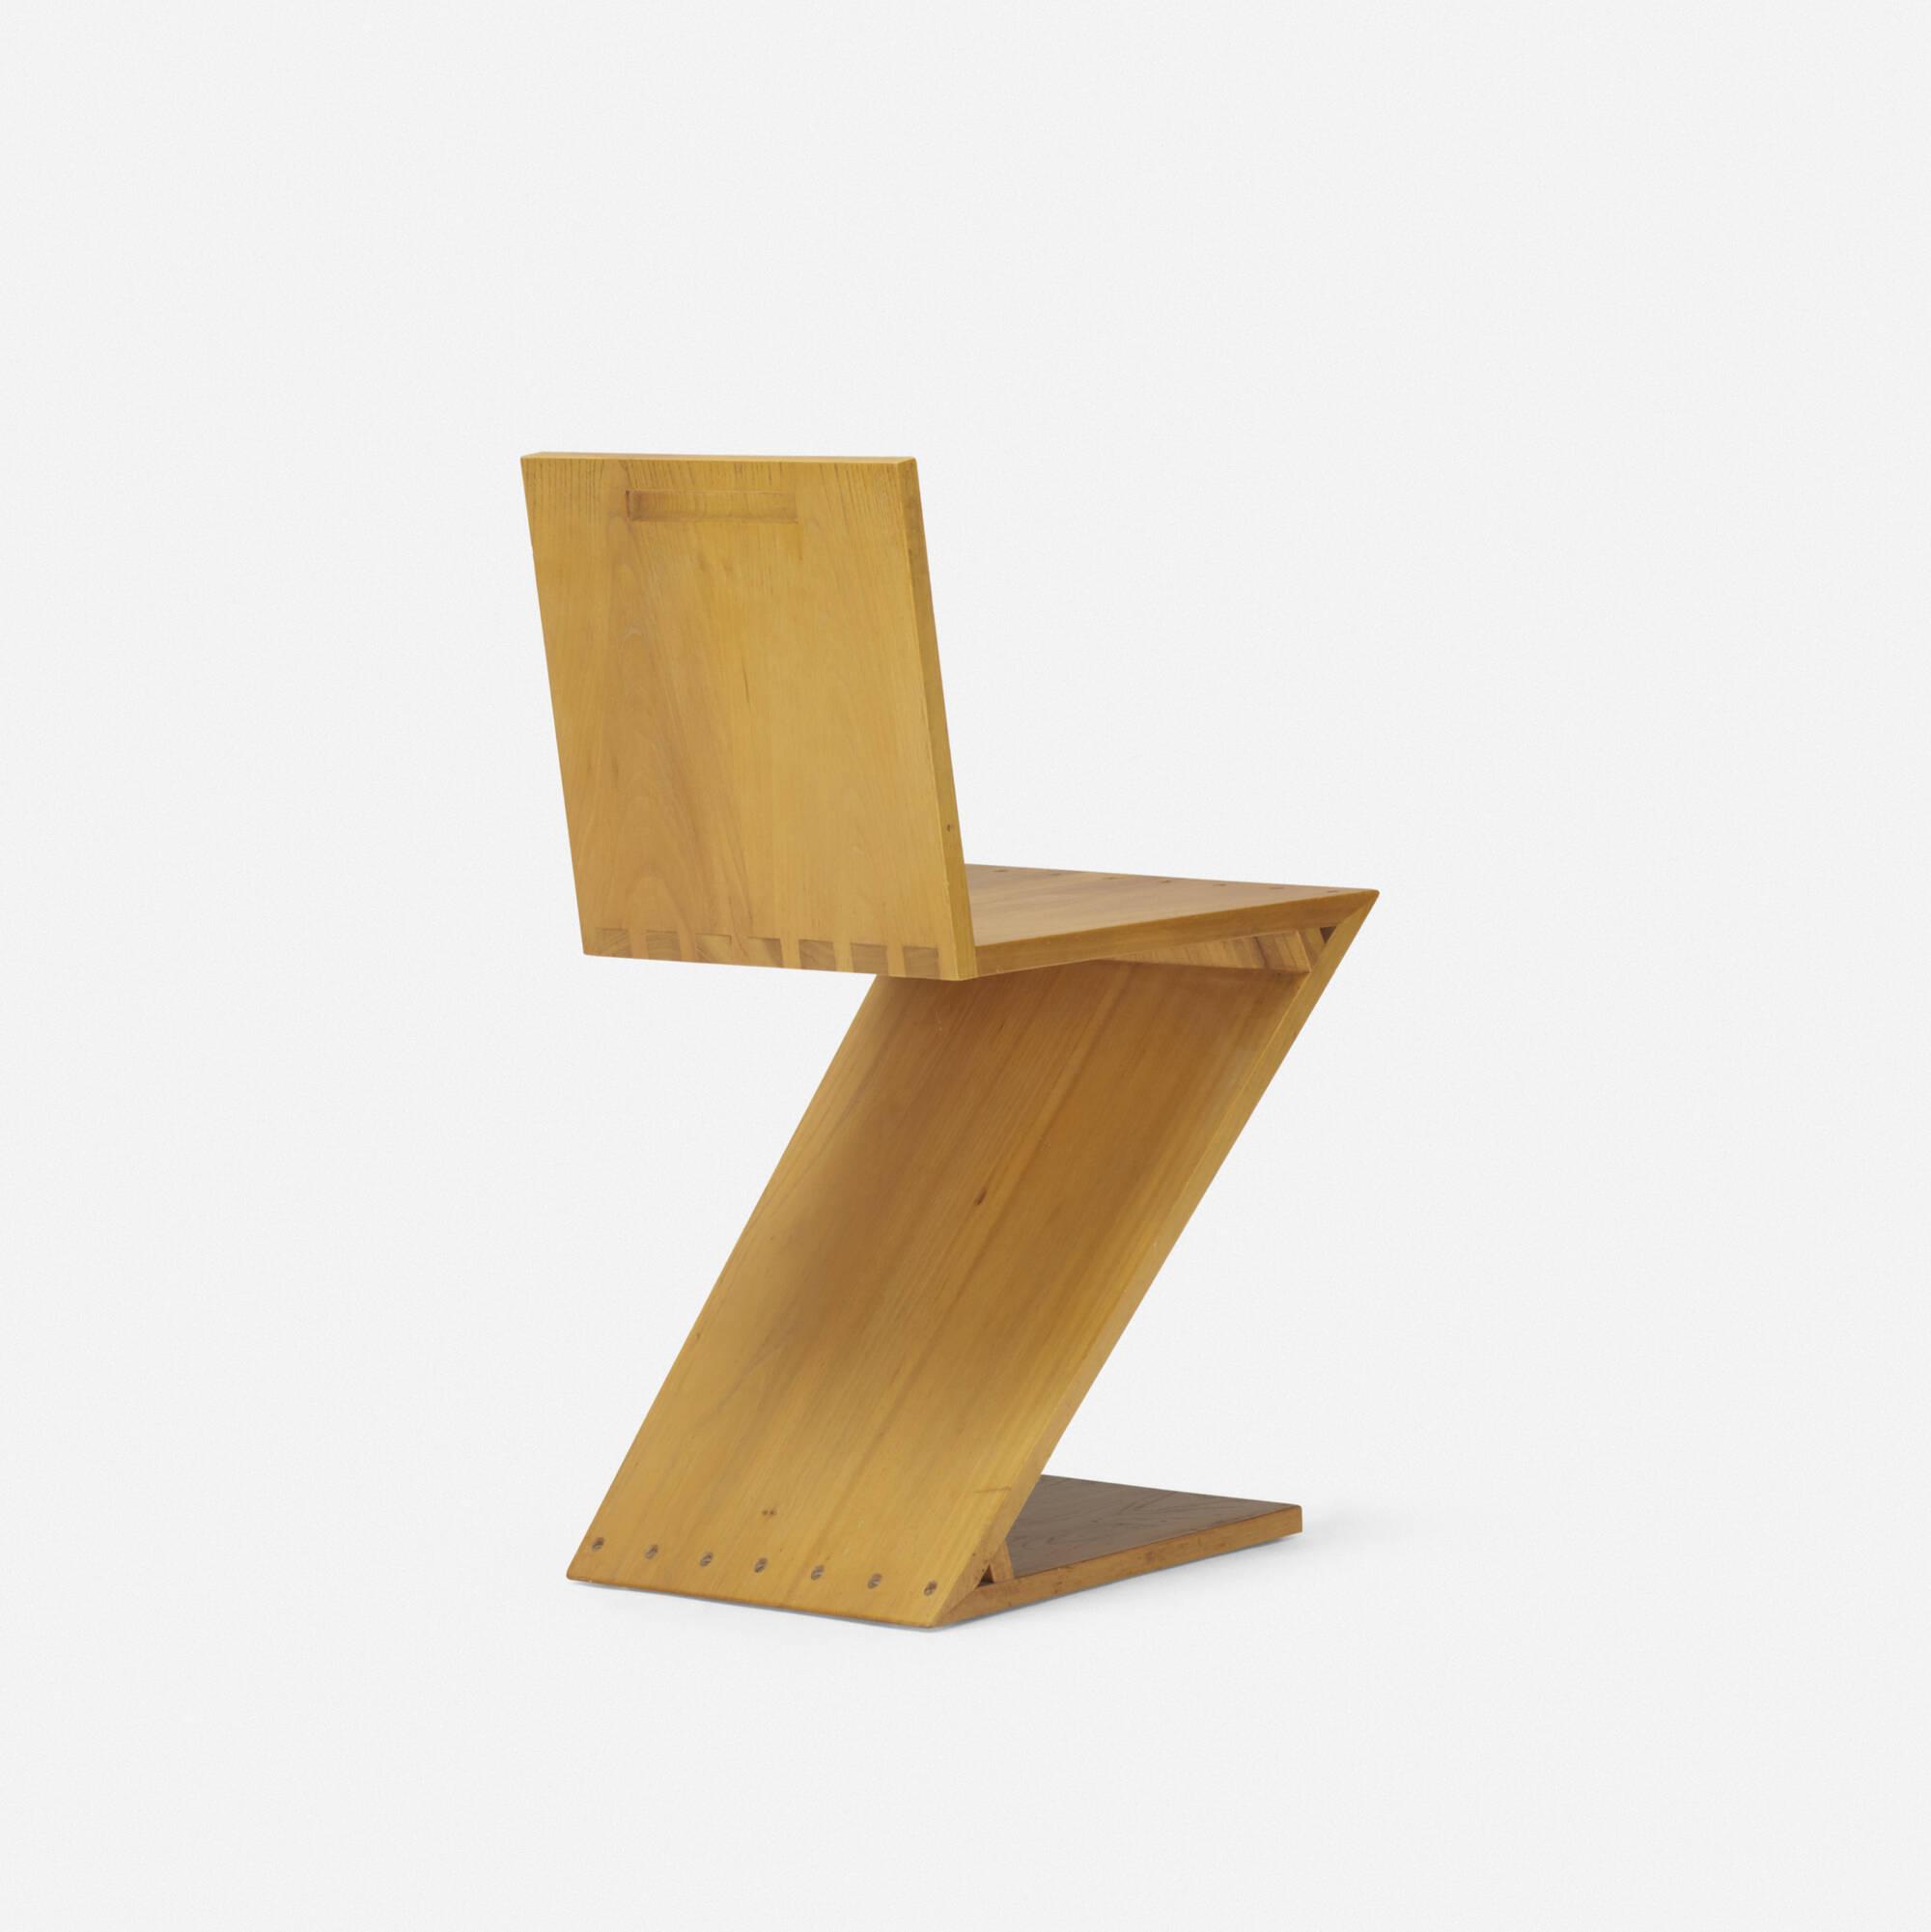 ... 110 Gerrit Rietveld / Zig-Zag chair (2 of 4) & 110: GERRIT RIETVELD Zig-Zag chair u003c Design  26 October 2017 ...